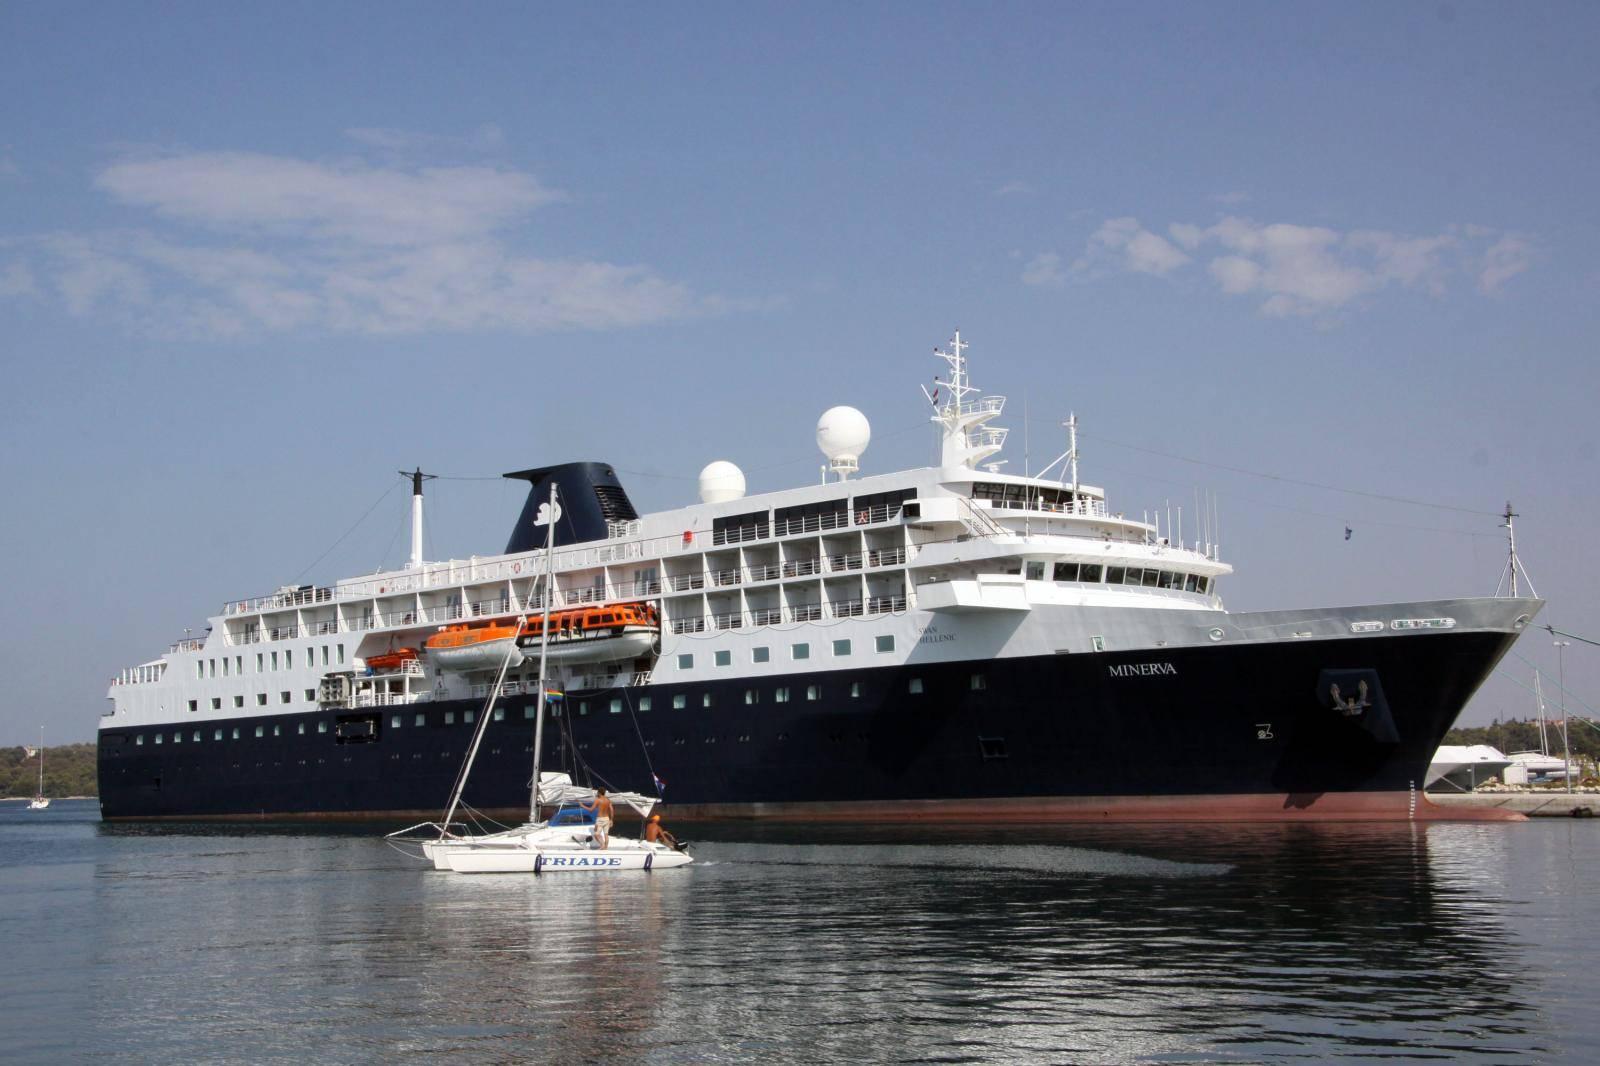 Grčka je ponovo otvorila luke kruzerima, ali prvi brodovi se očekuju tek za tri tjedna...